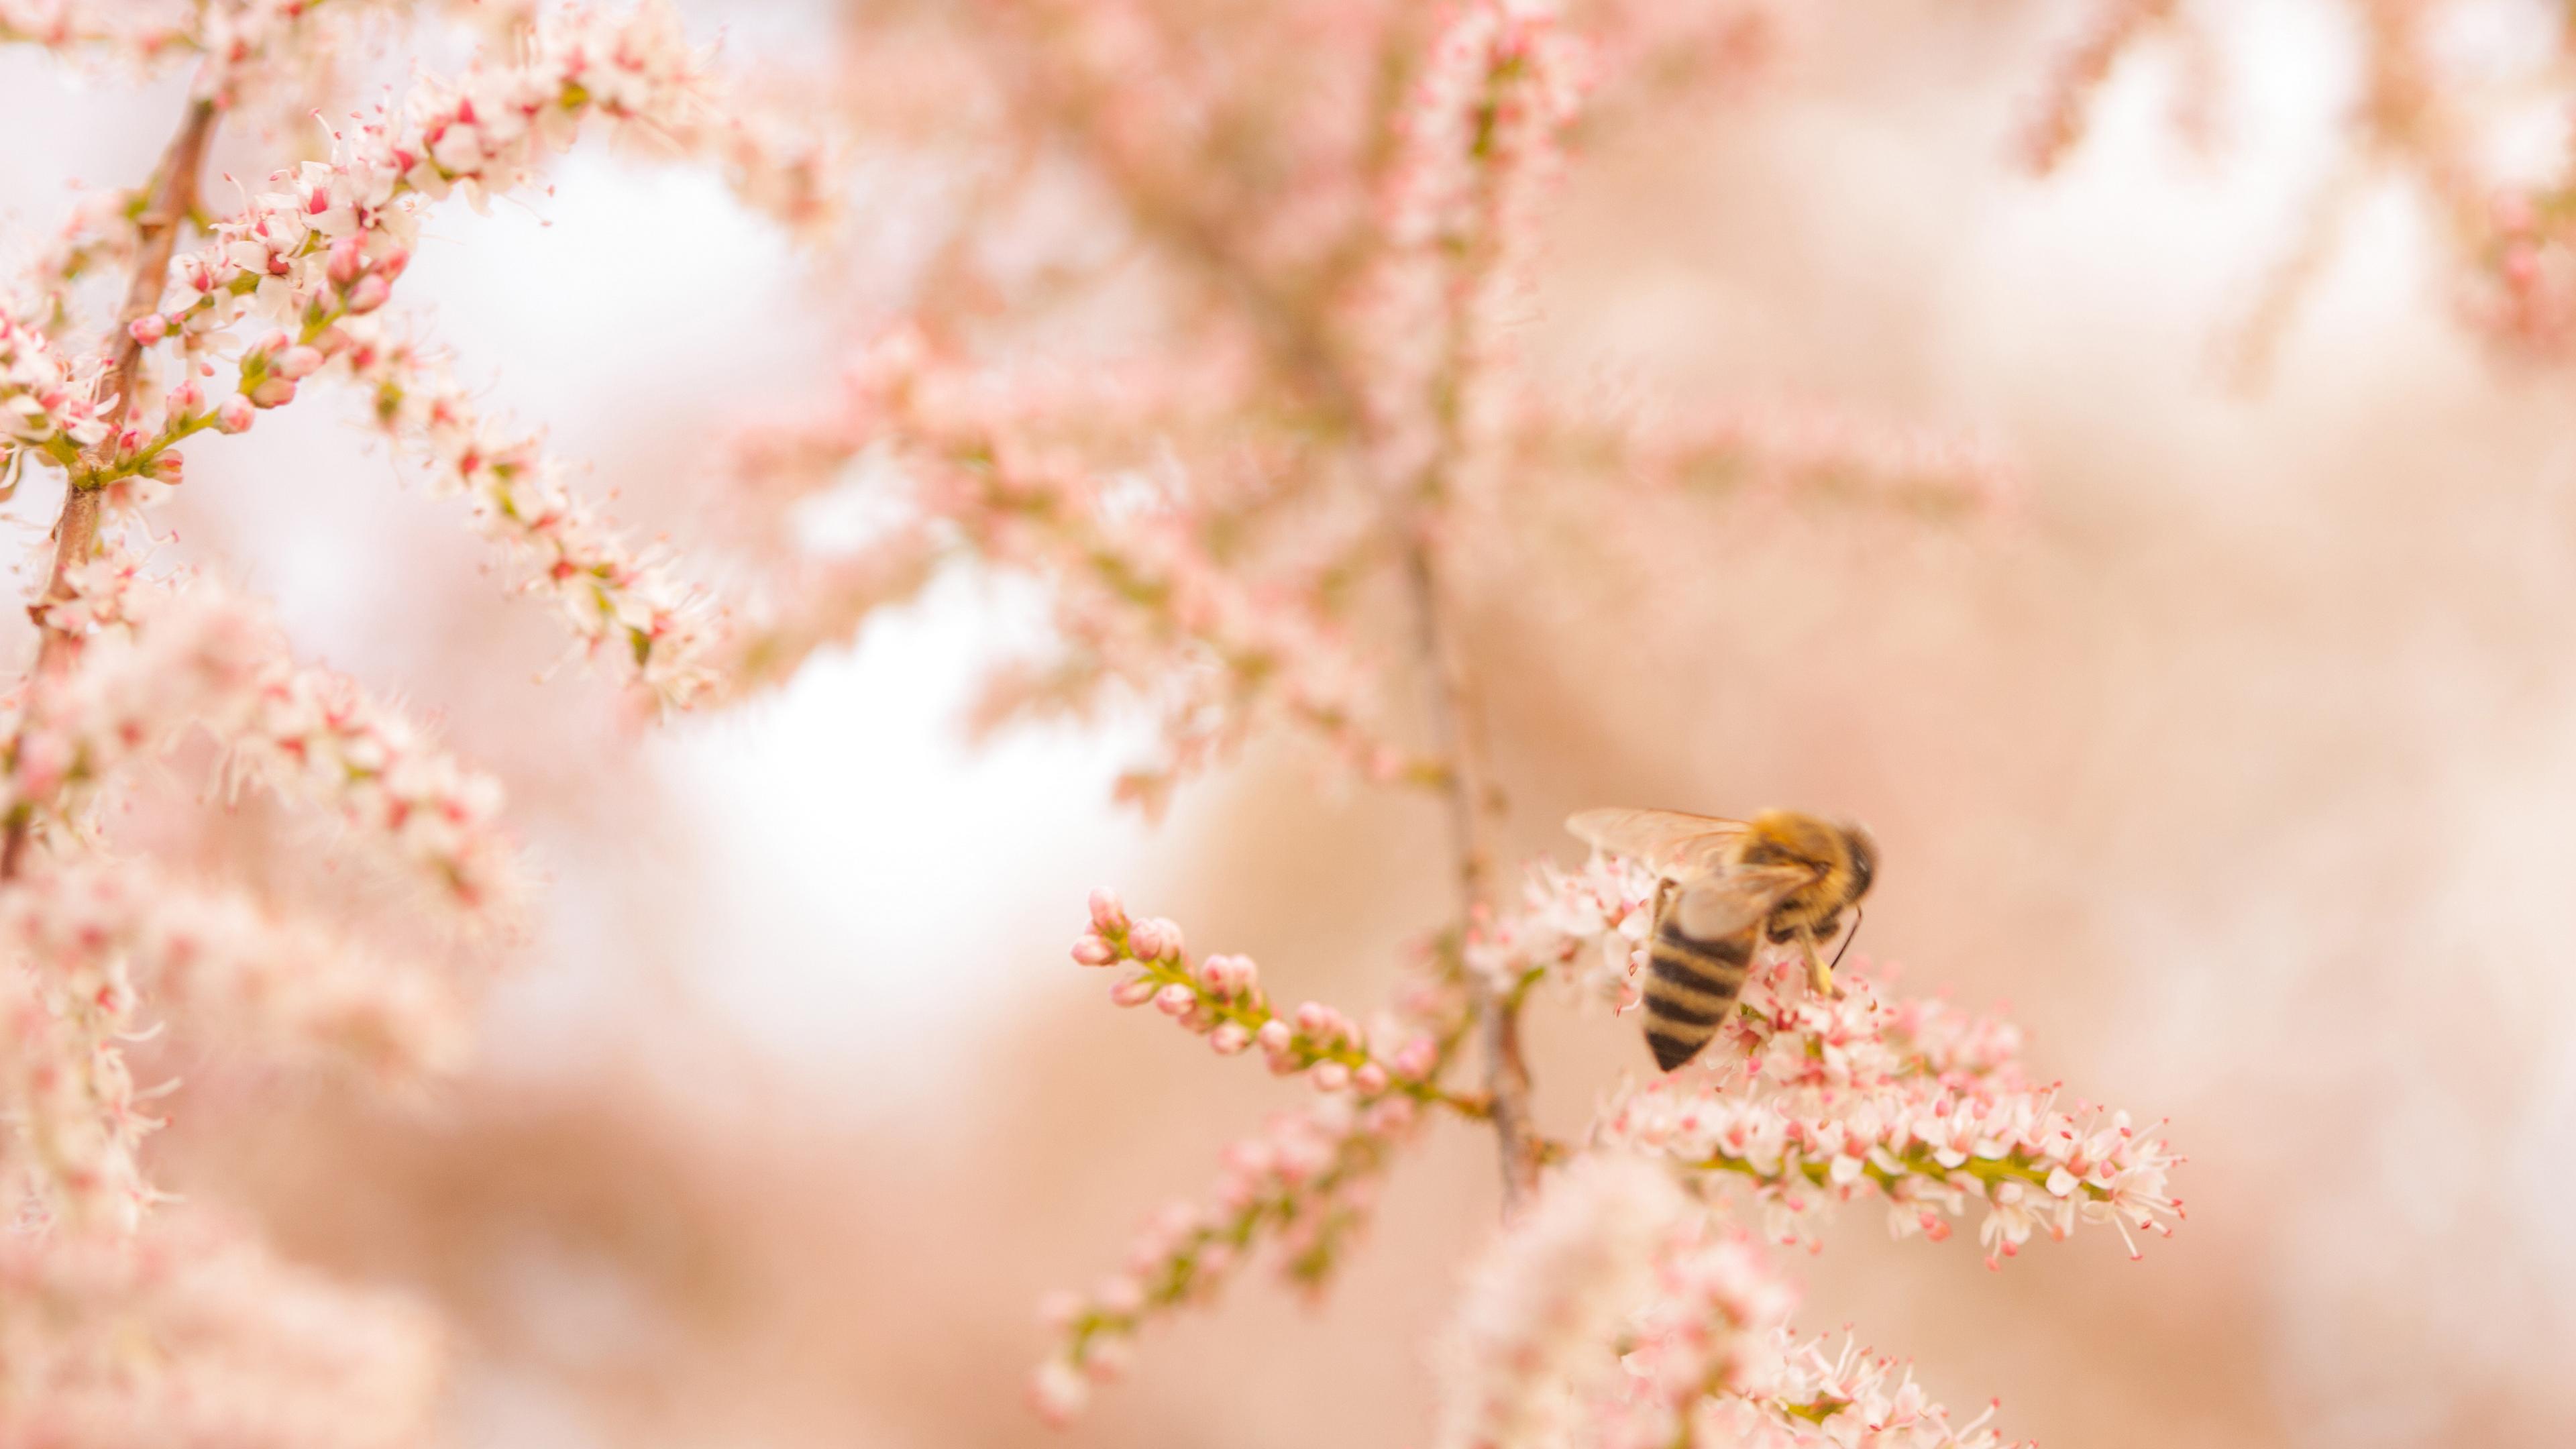 Пчела в цветах